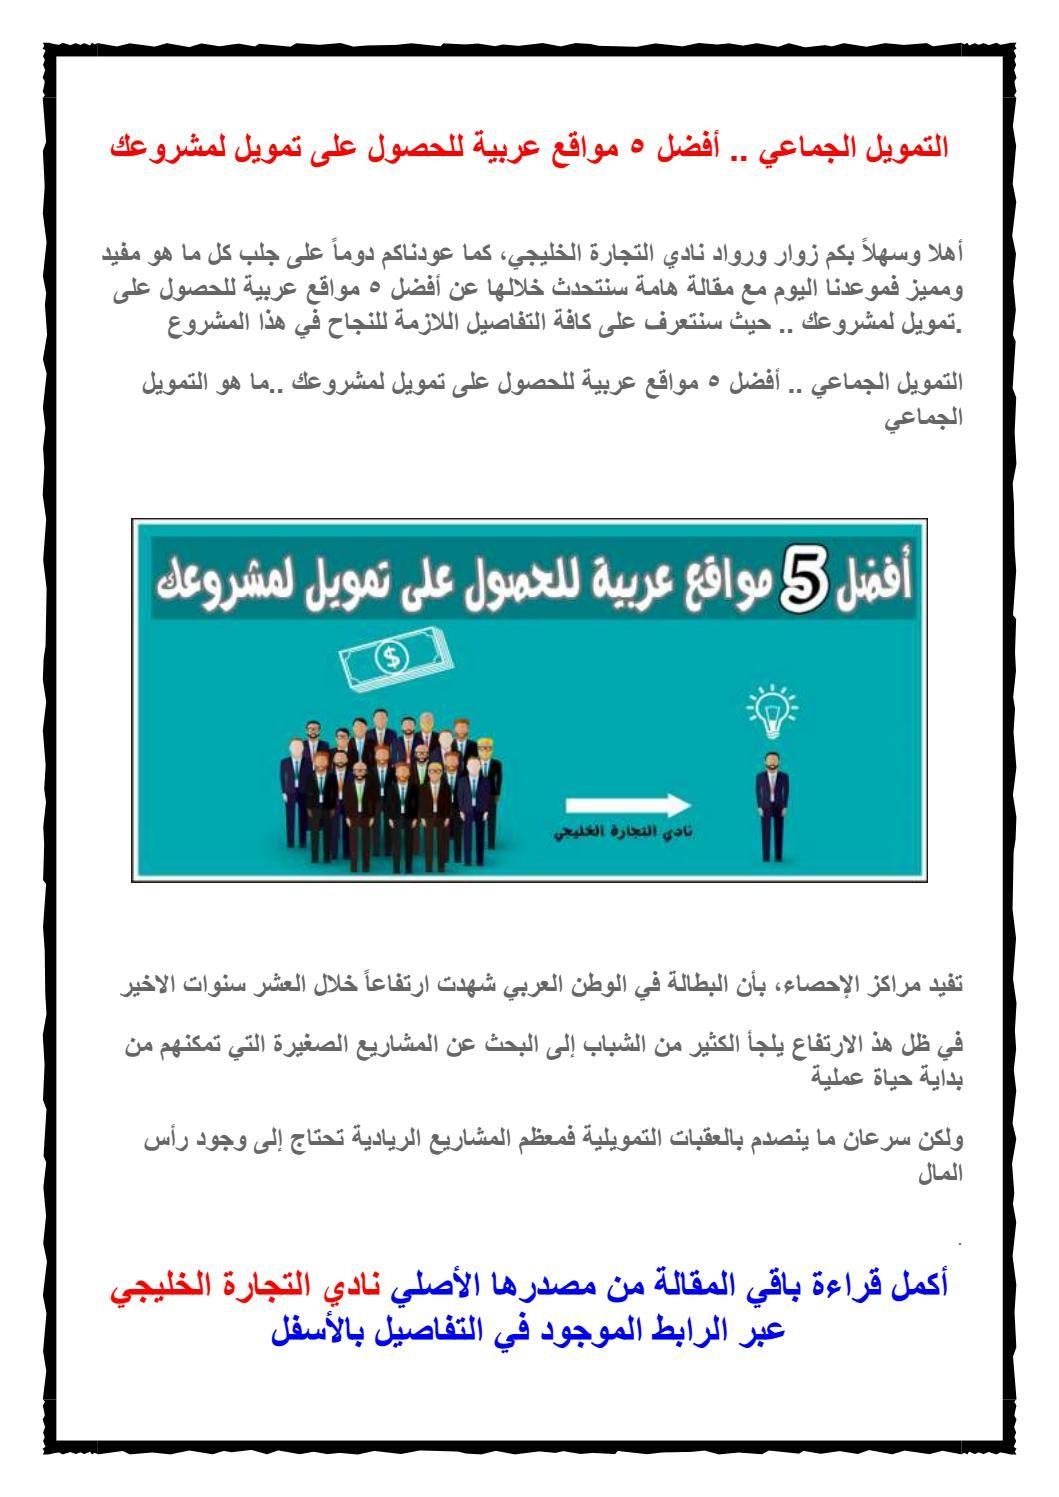 التمويل الجماعي أفضل 5 مواقع عربية للحصول على تمويل لمشروعك Microsoft Word Document Words Microsoft